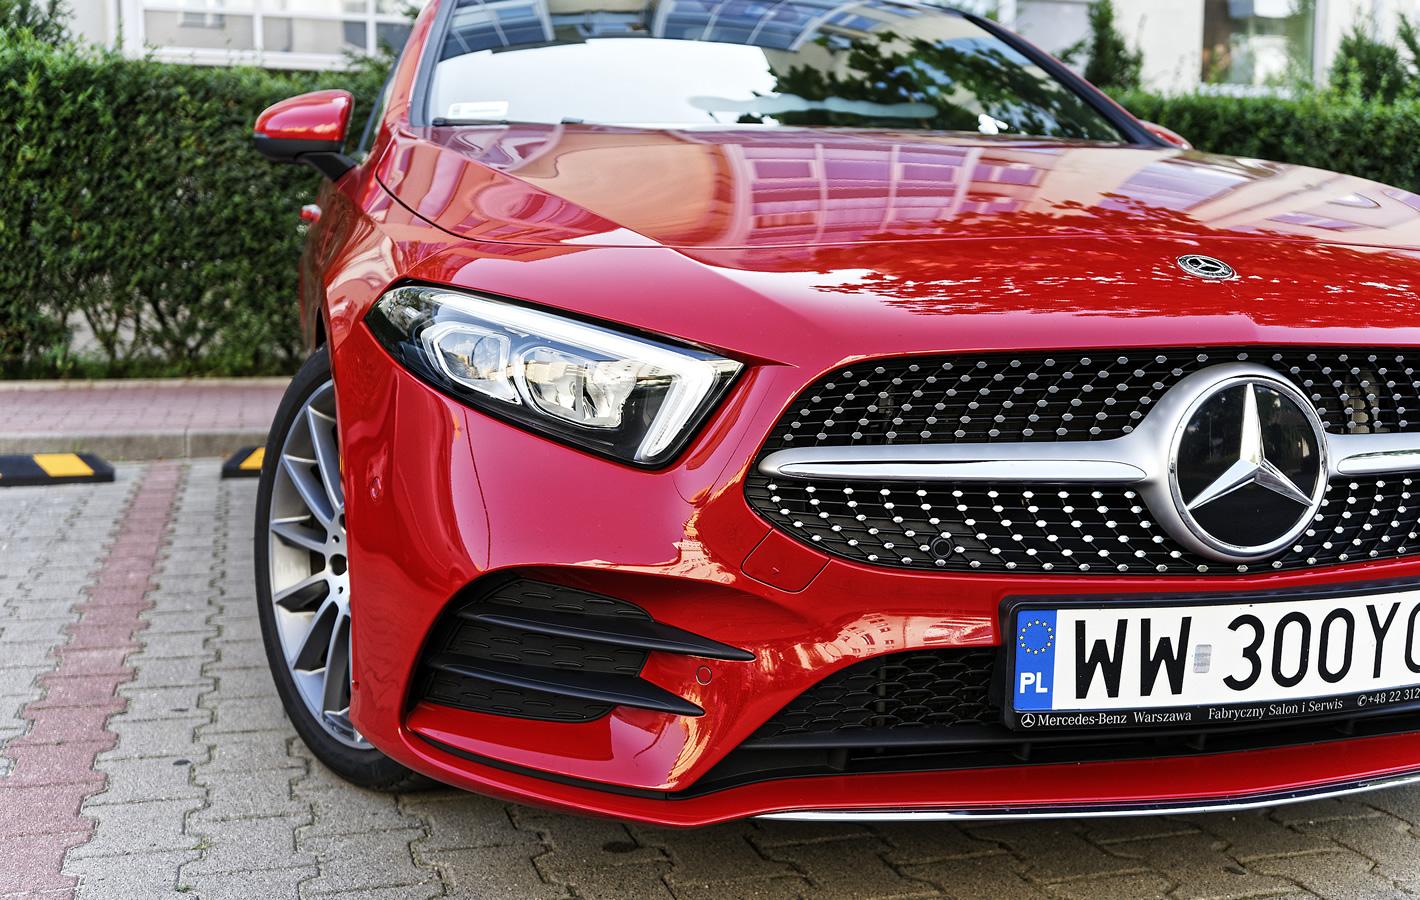 Mercedes-Benz Klasy A 200 - reflektory przednie